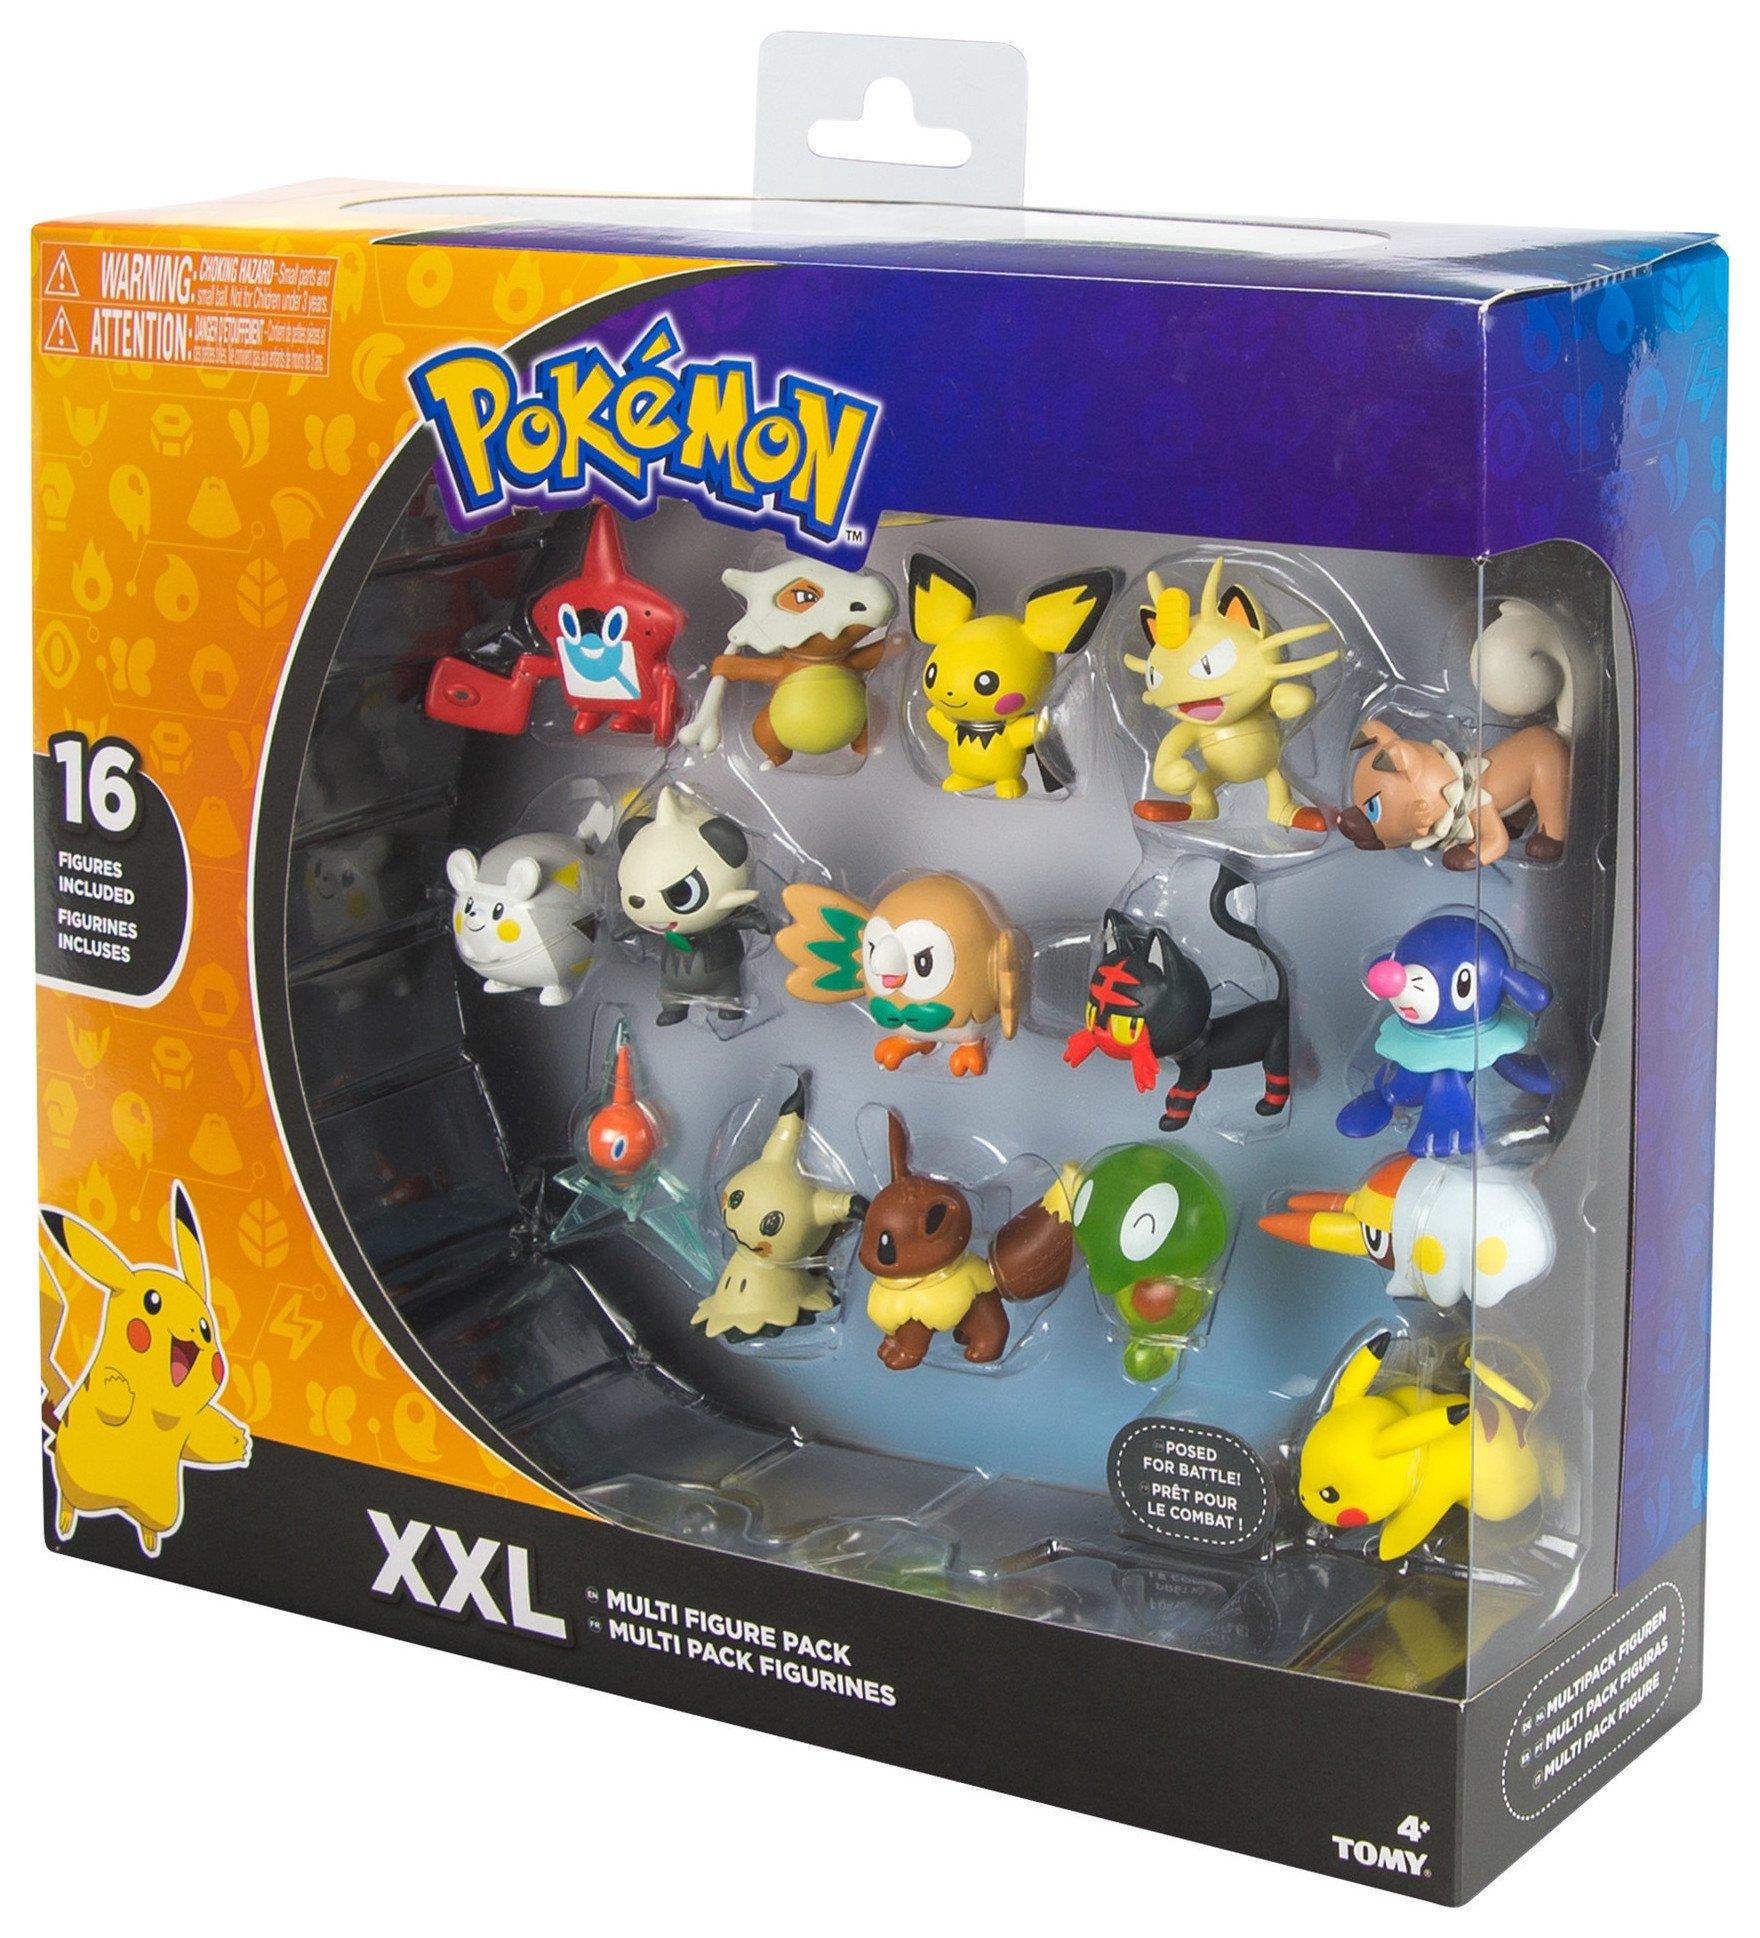 Multi Figurine Pack